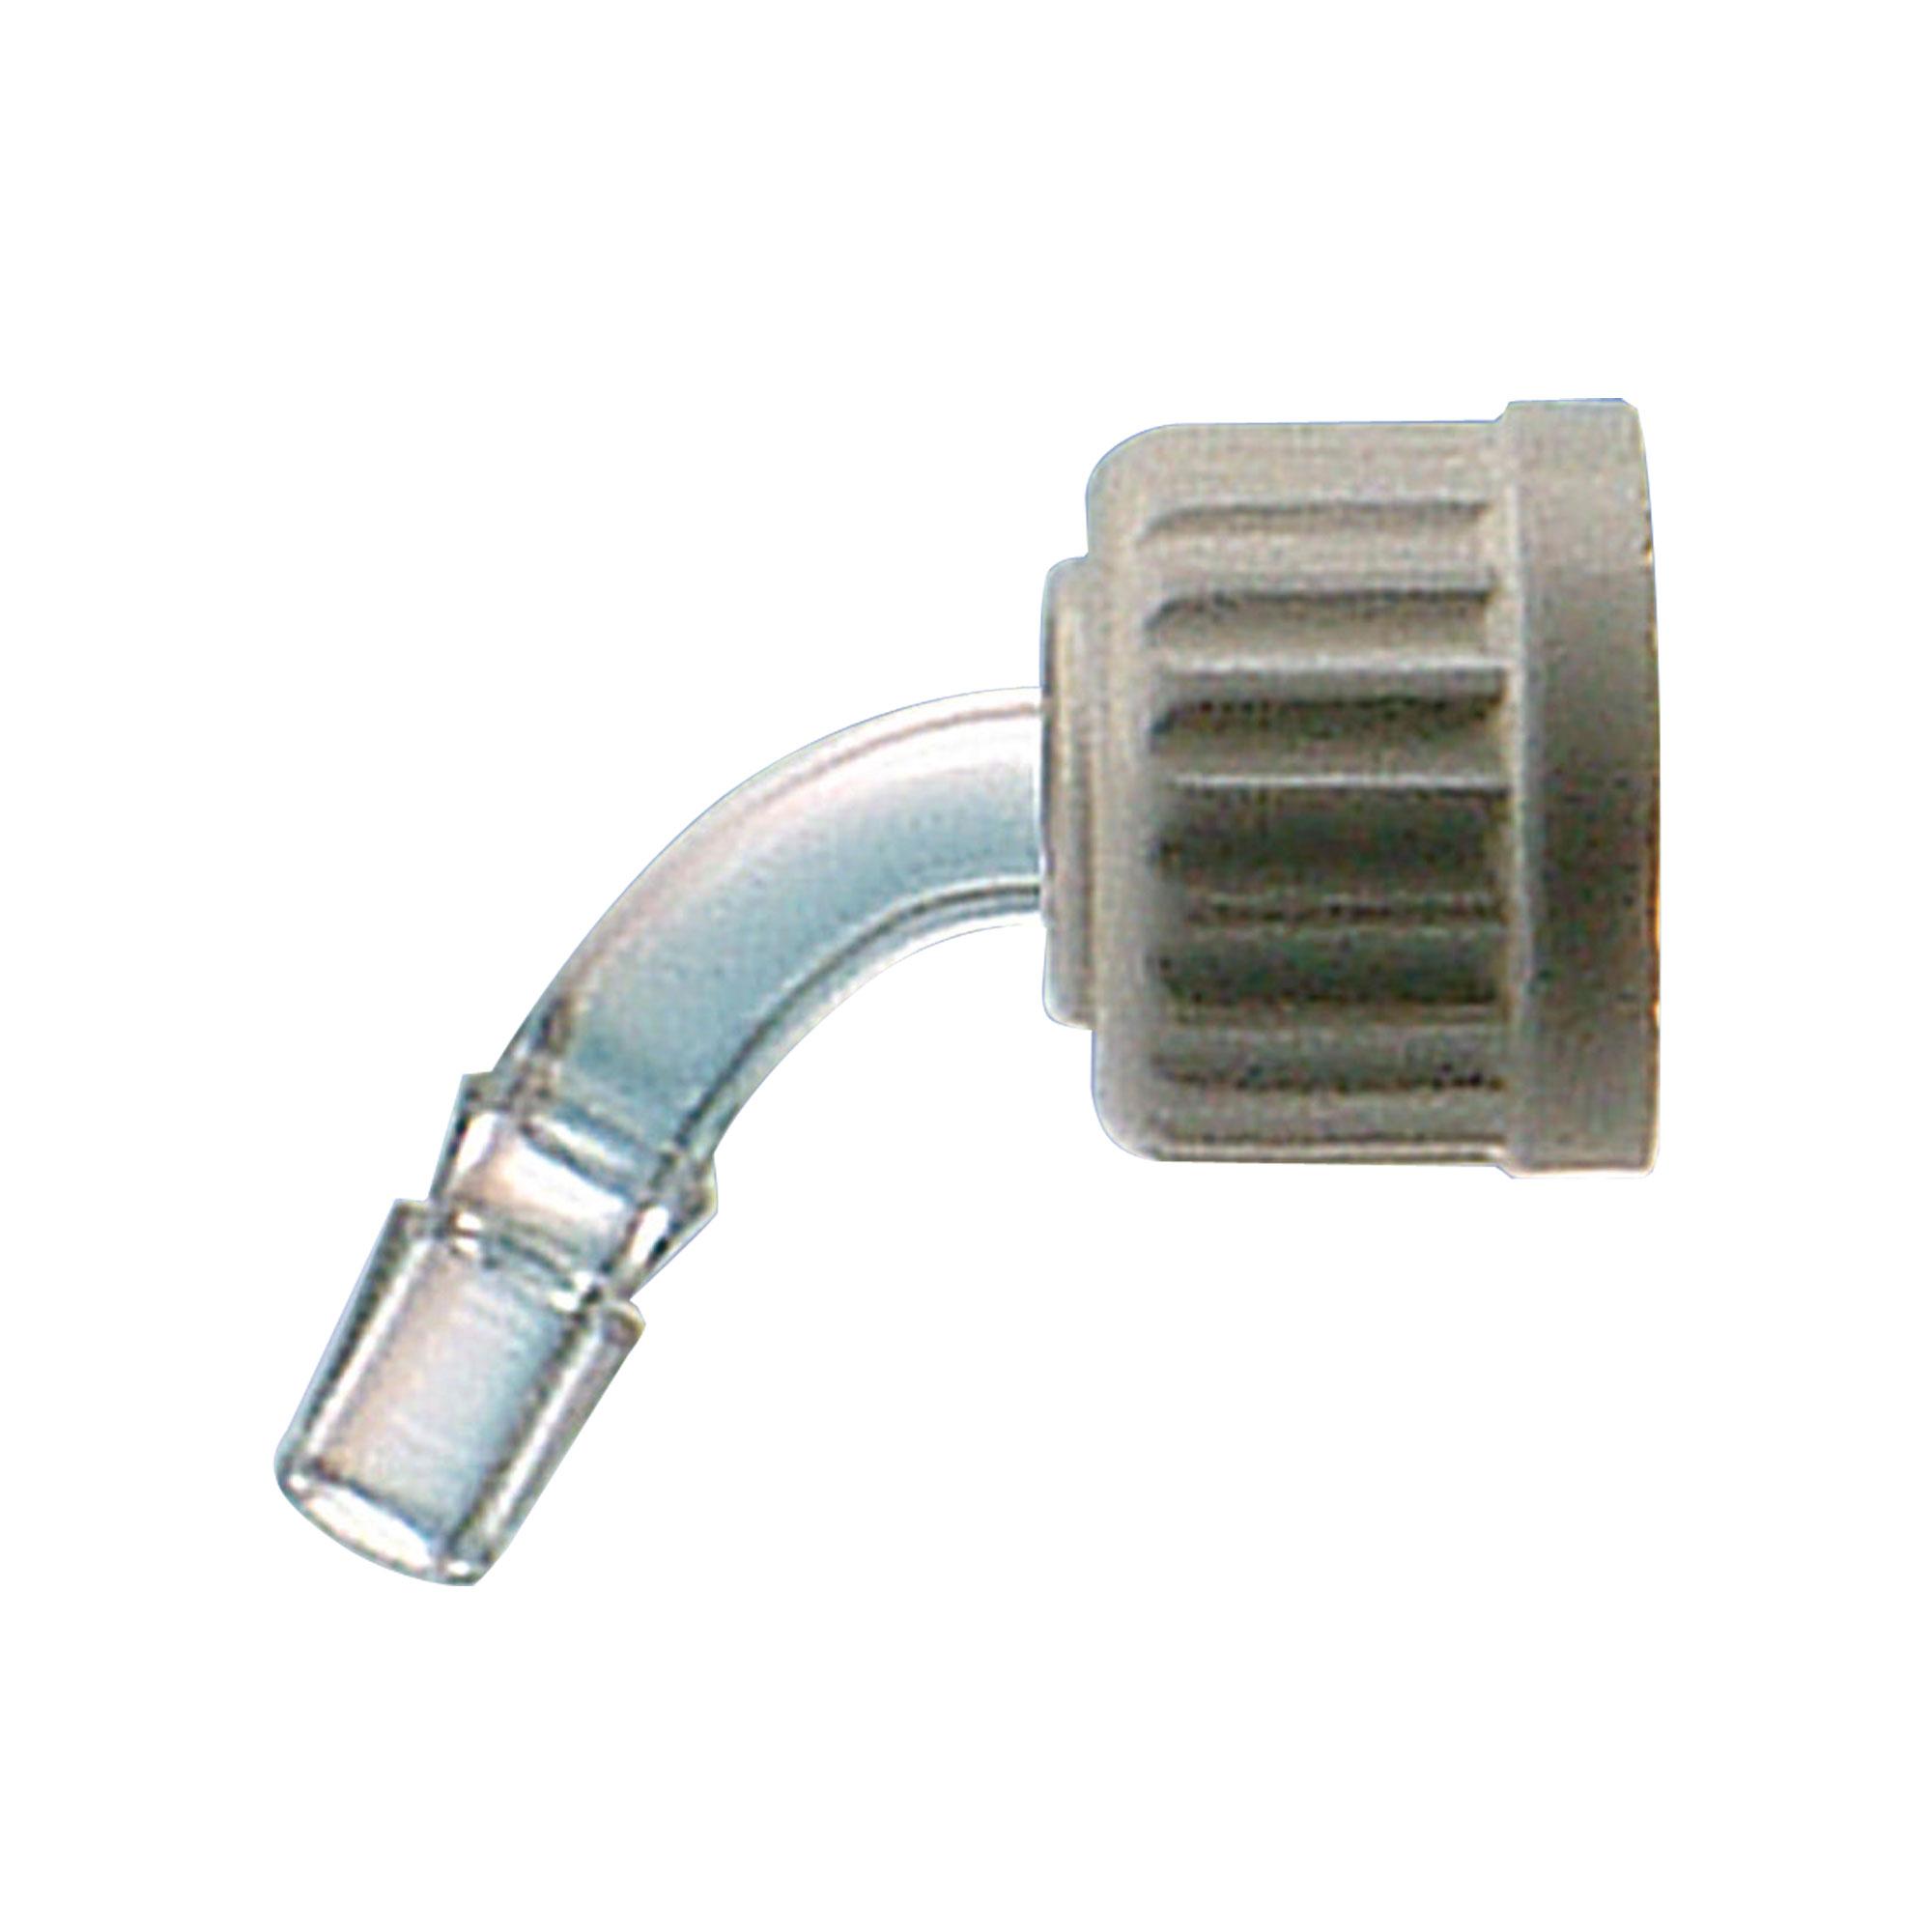 005750-11 配管ホース用ガラスコネクター φ12×9mm 柴田科学(SIBATA)